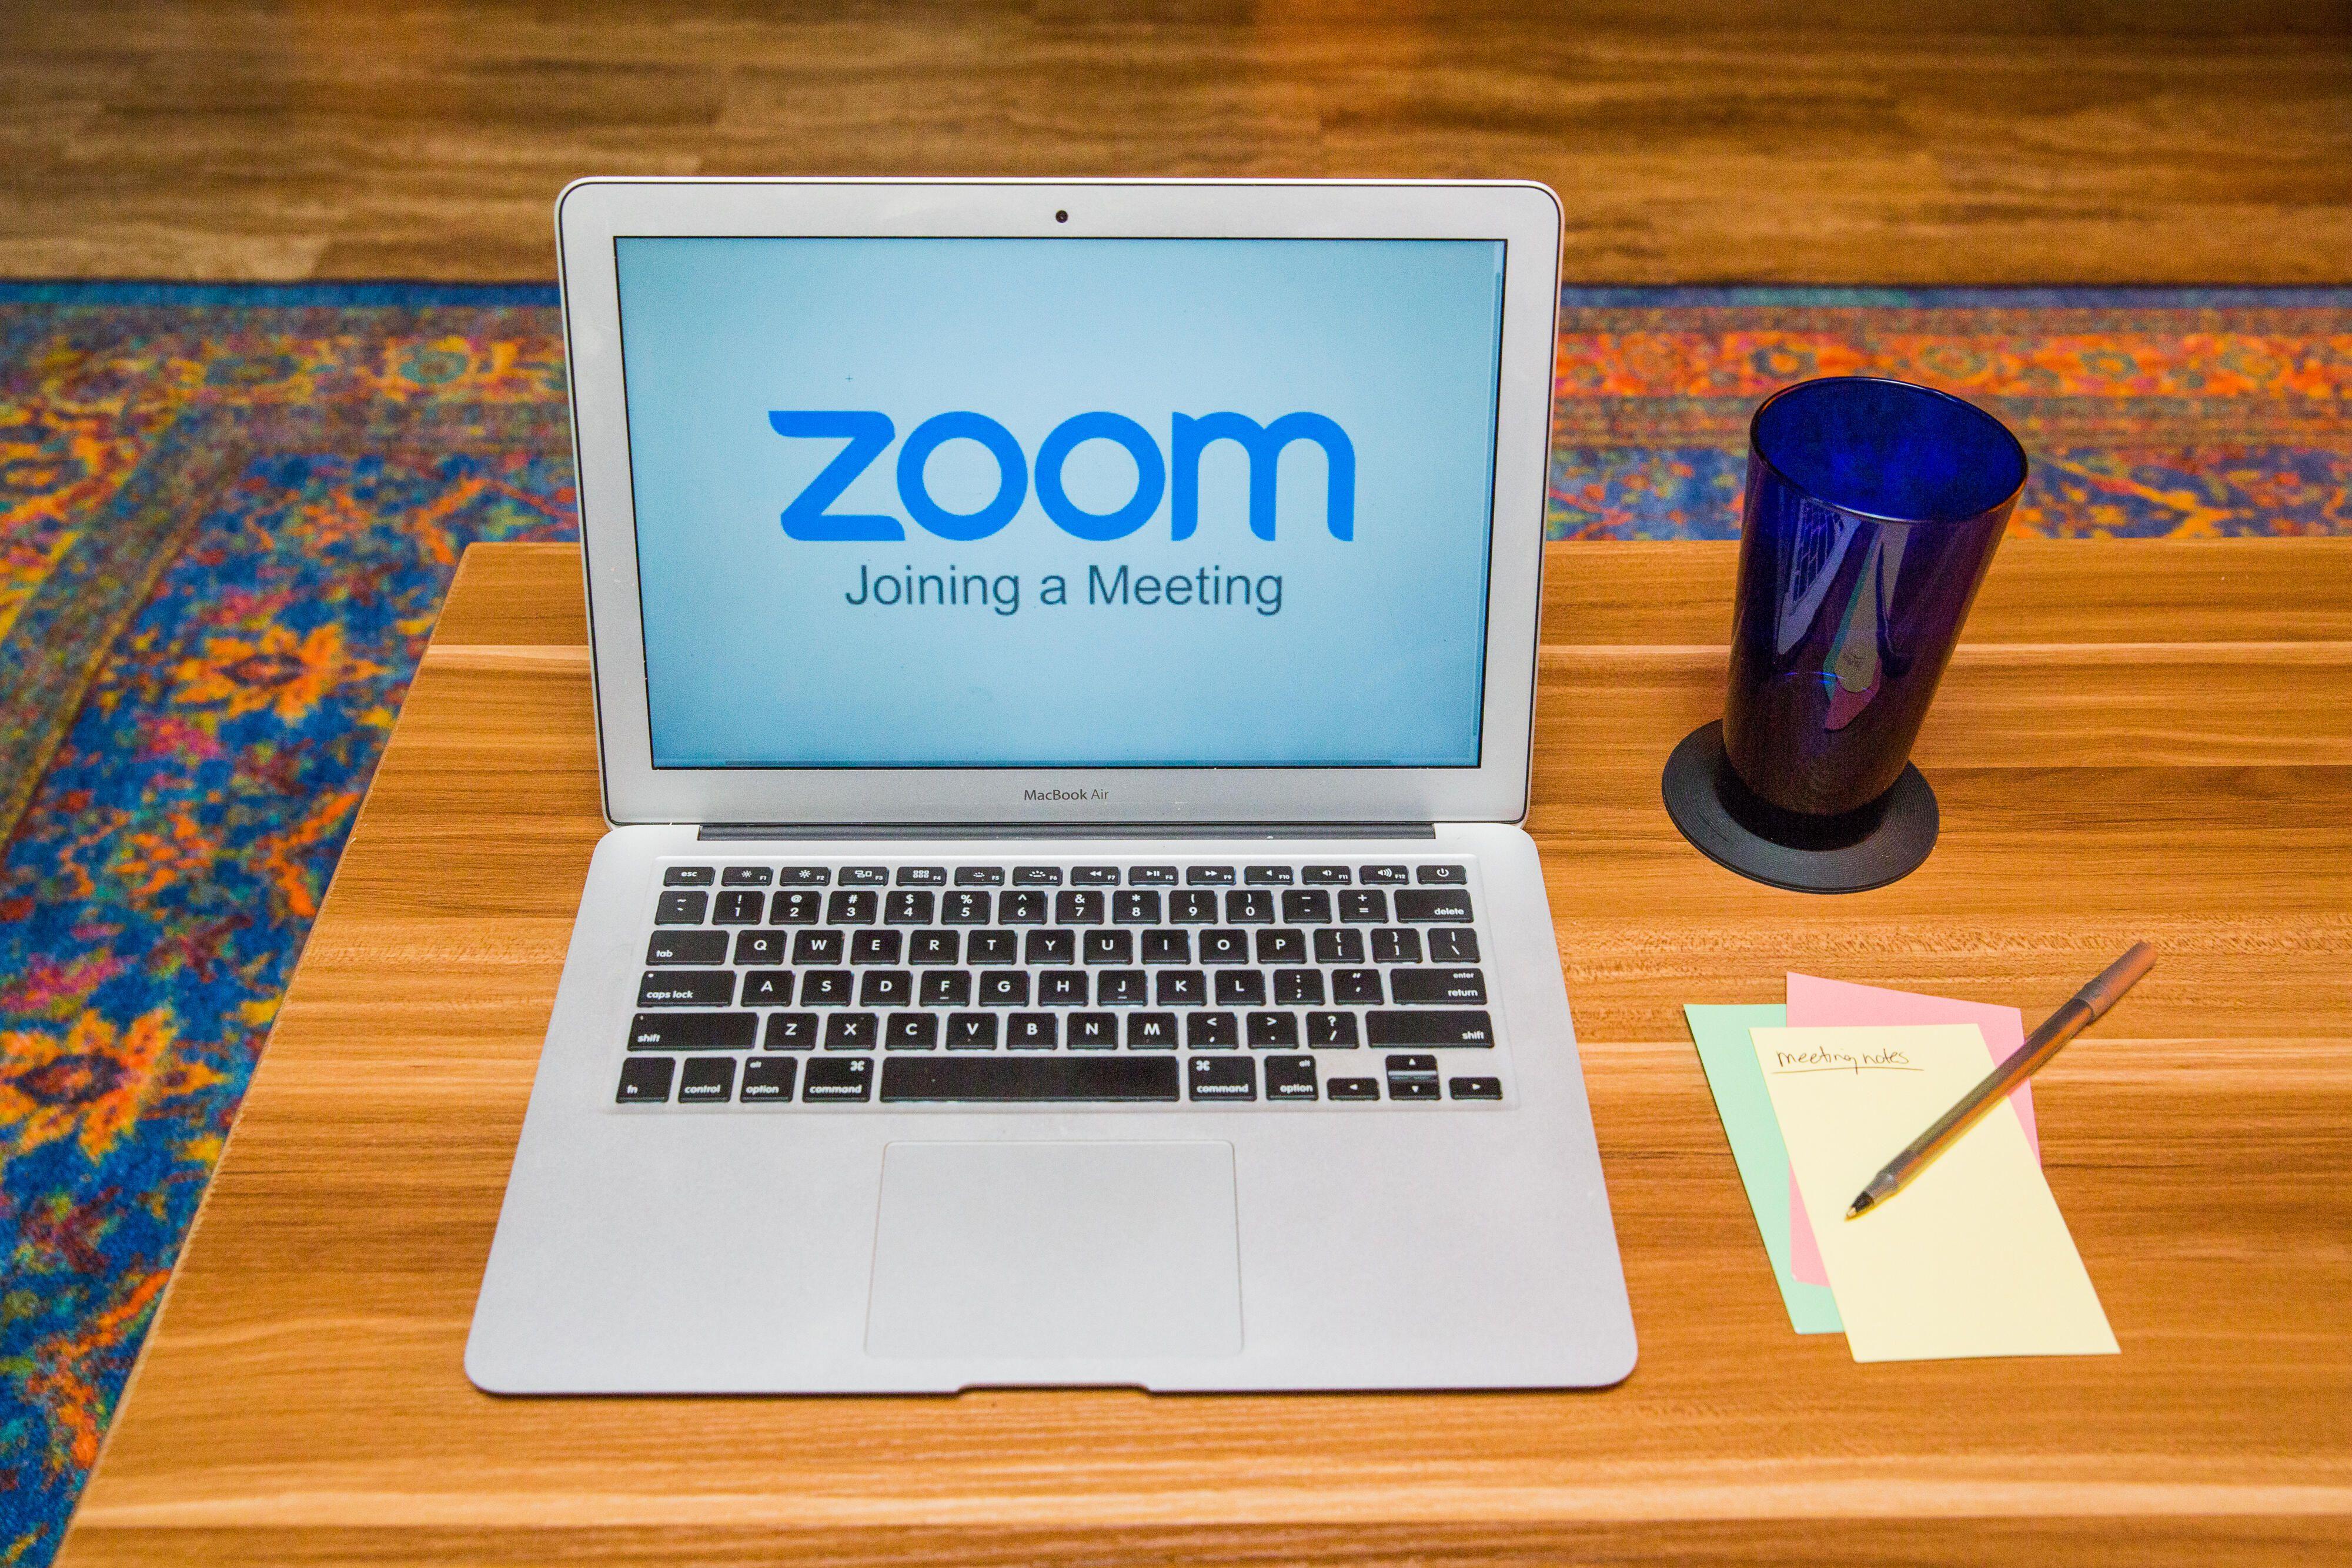 20-zoom-app-meetings-work-from-home-coronavirus